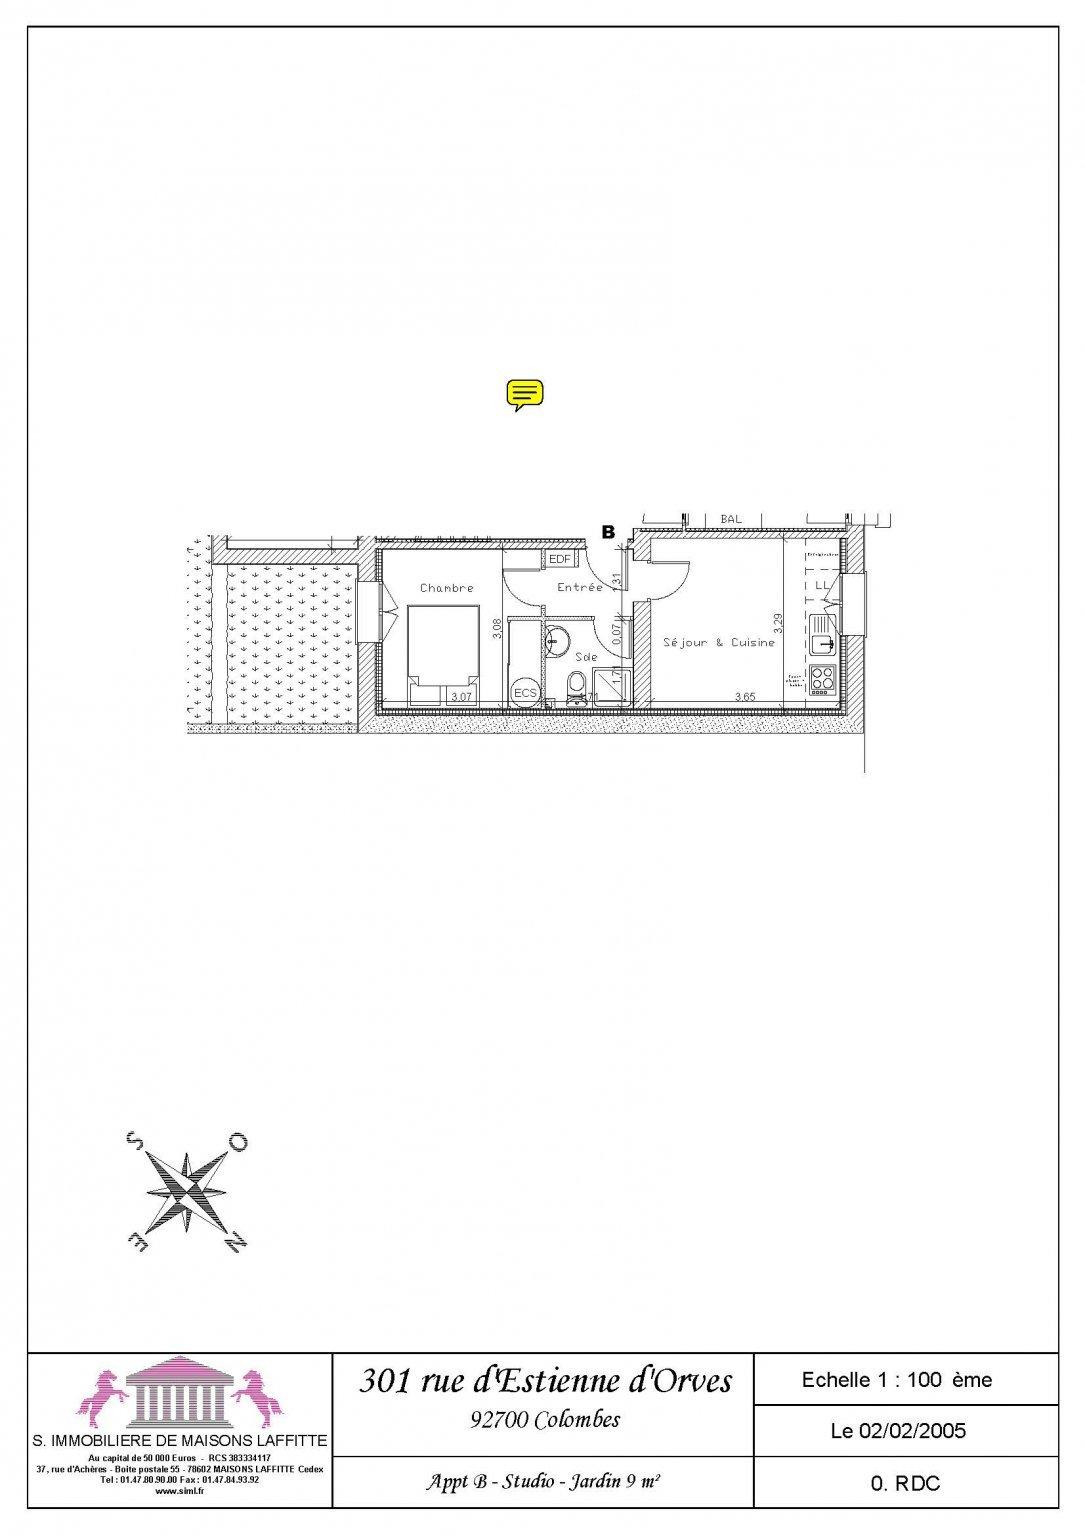 Appartement a louer colombes - 2 pièce(s) - 26 m2 - Surfyn